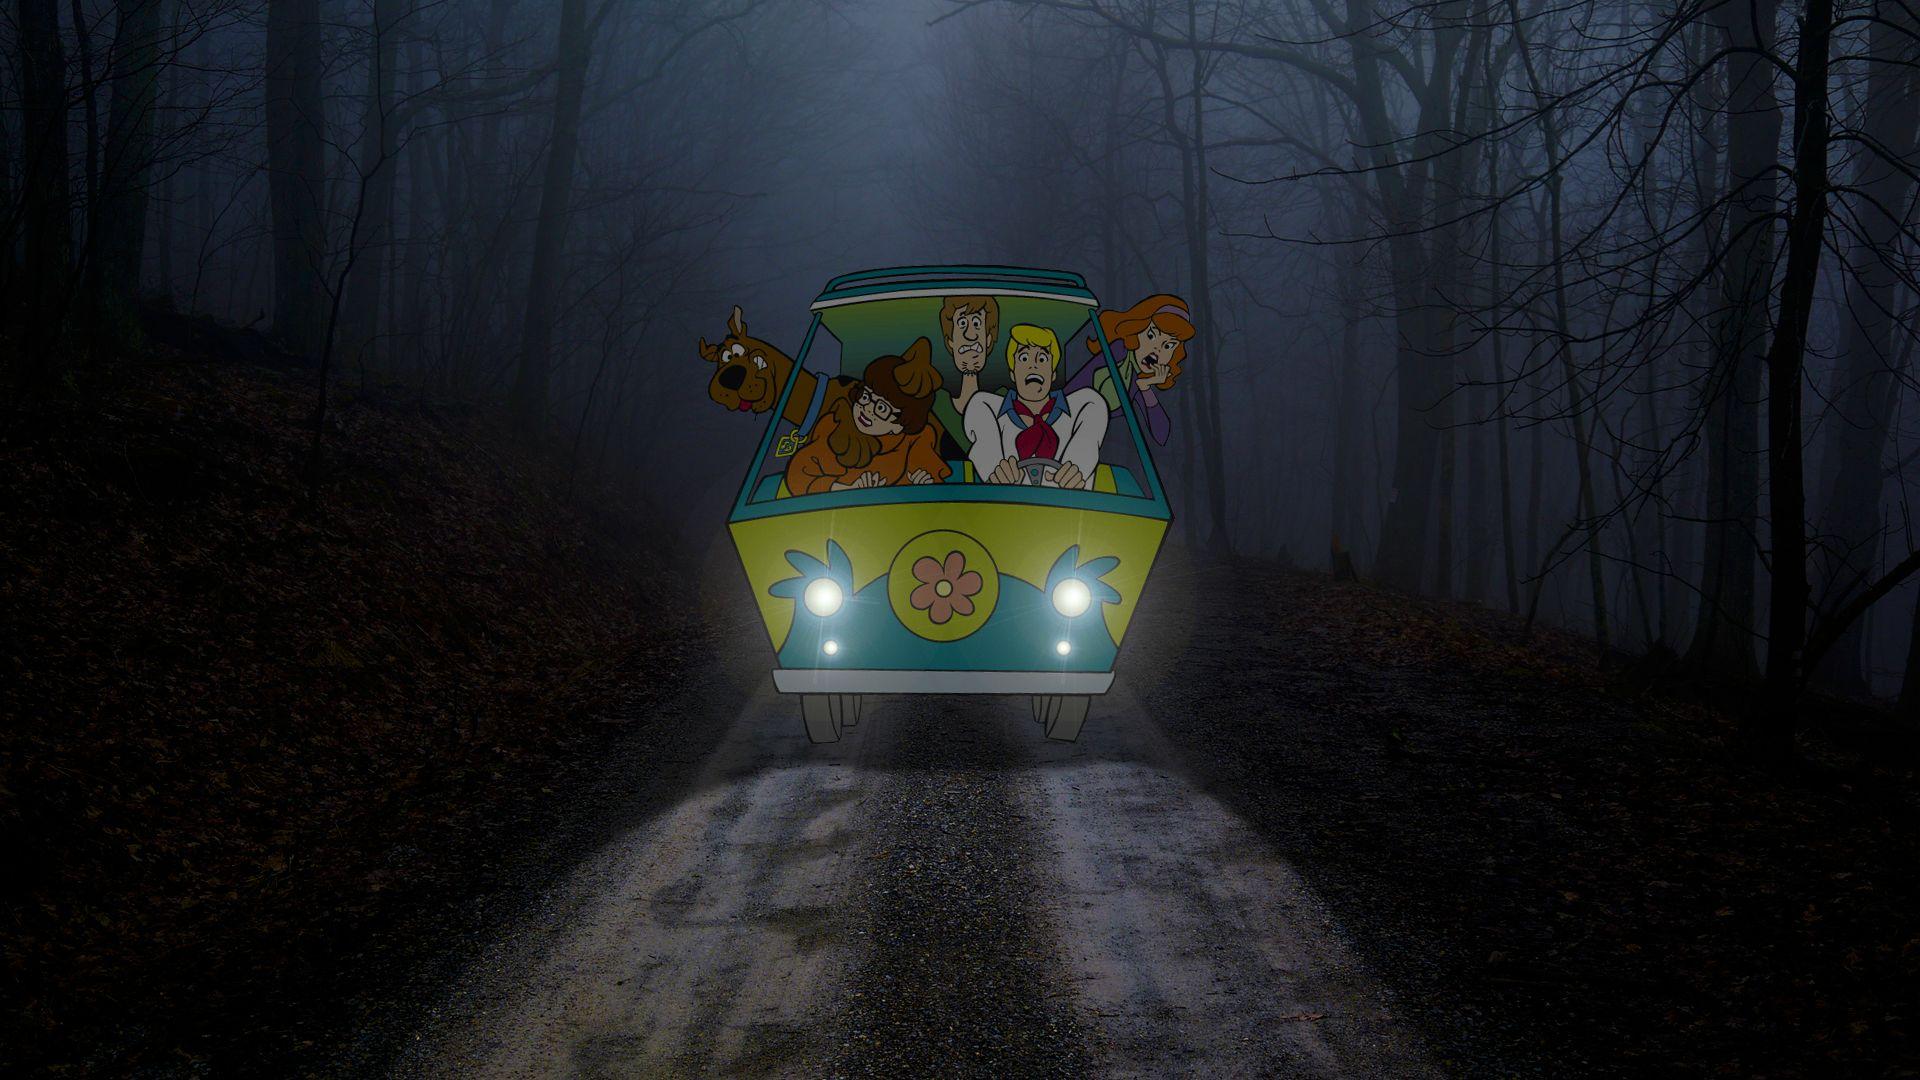 Badass Scooby Doo Wallpaper Wallpapersafari